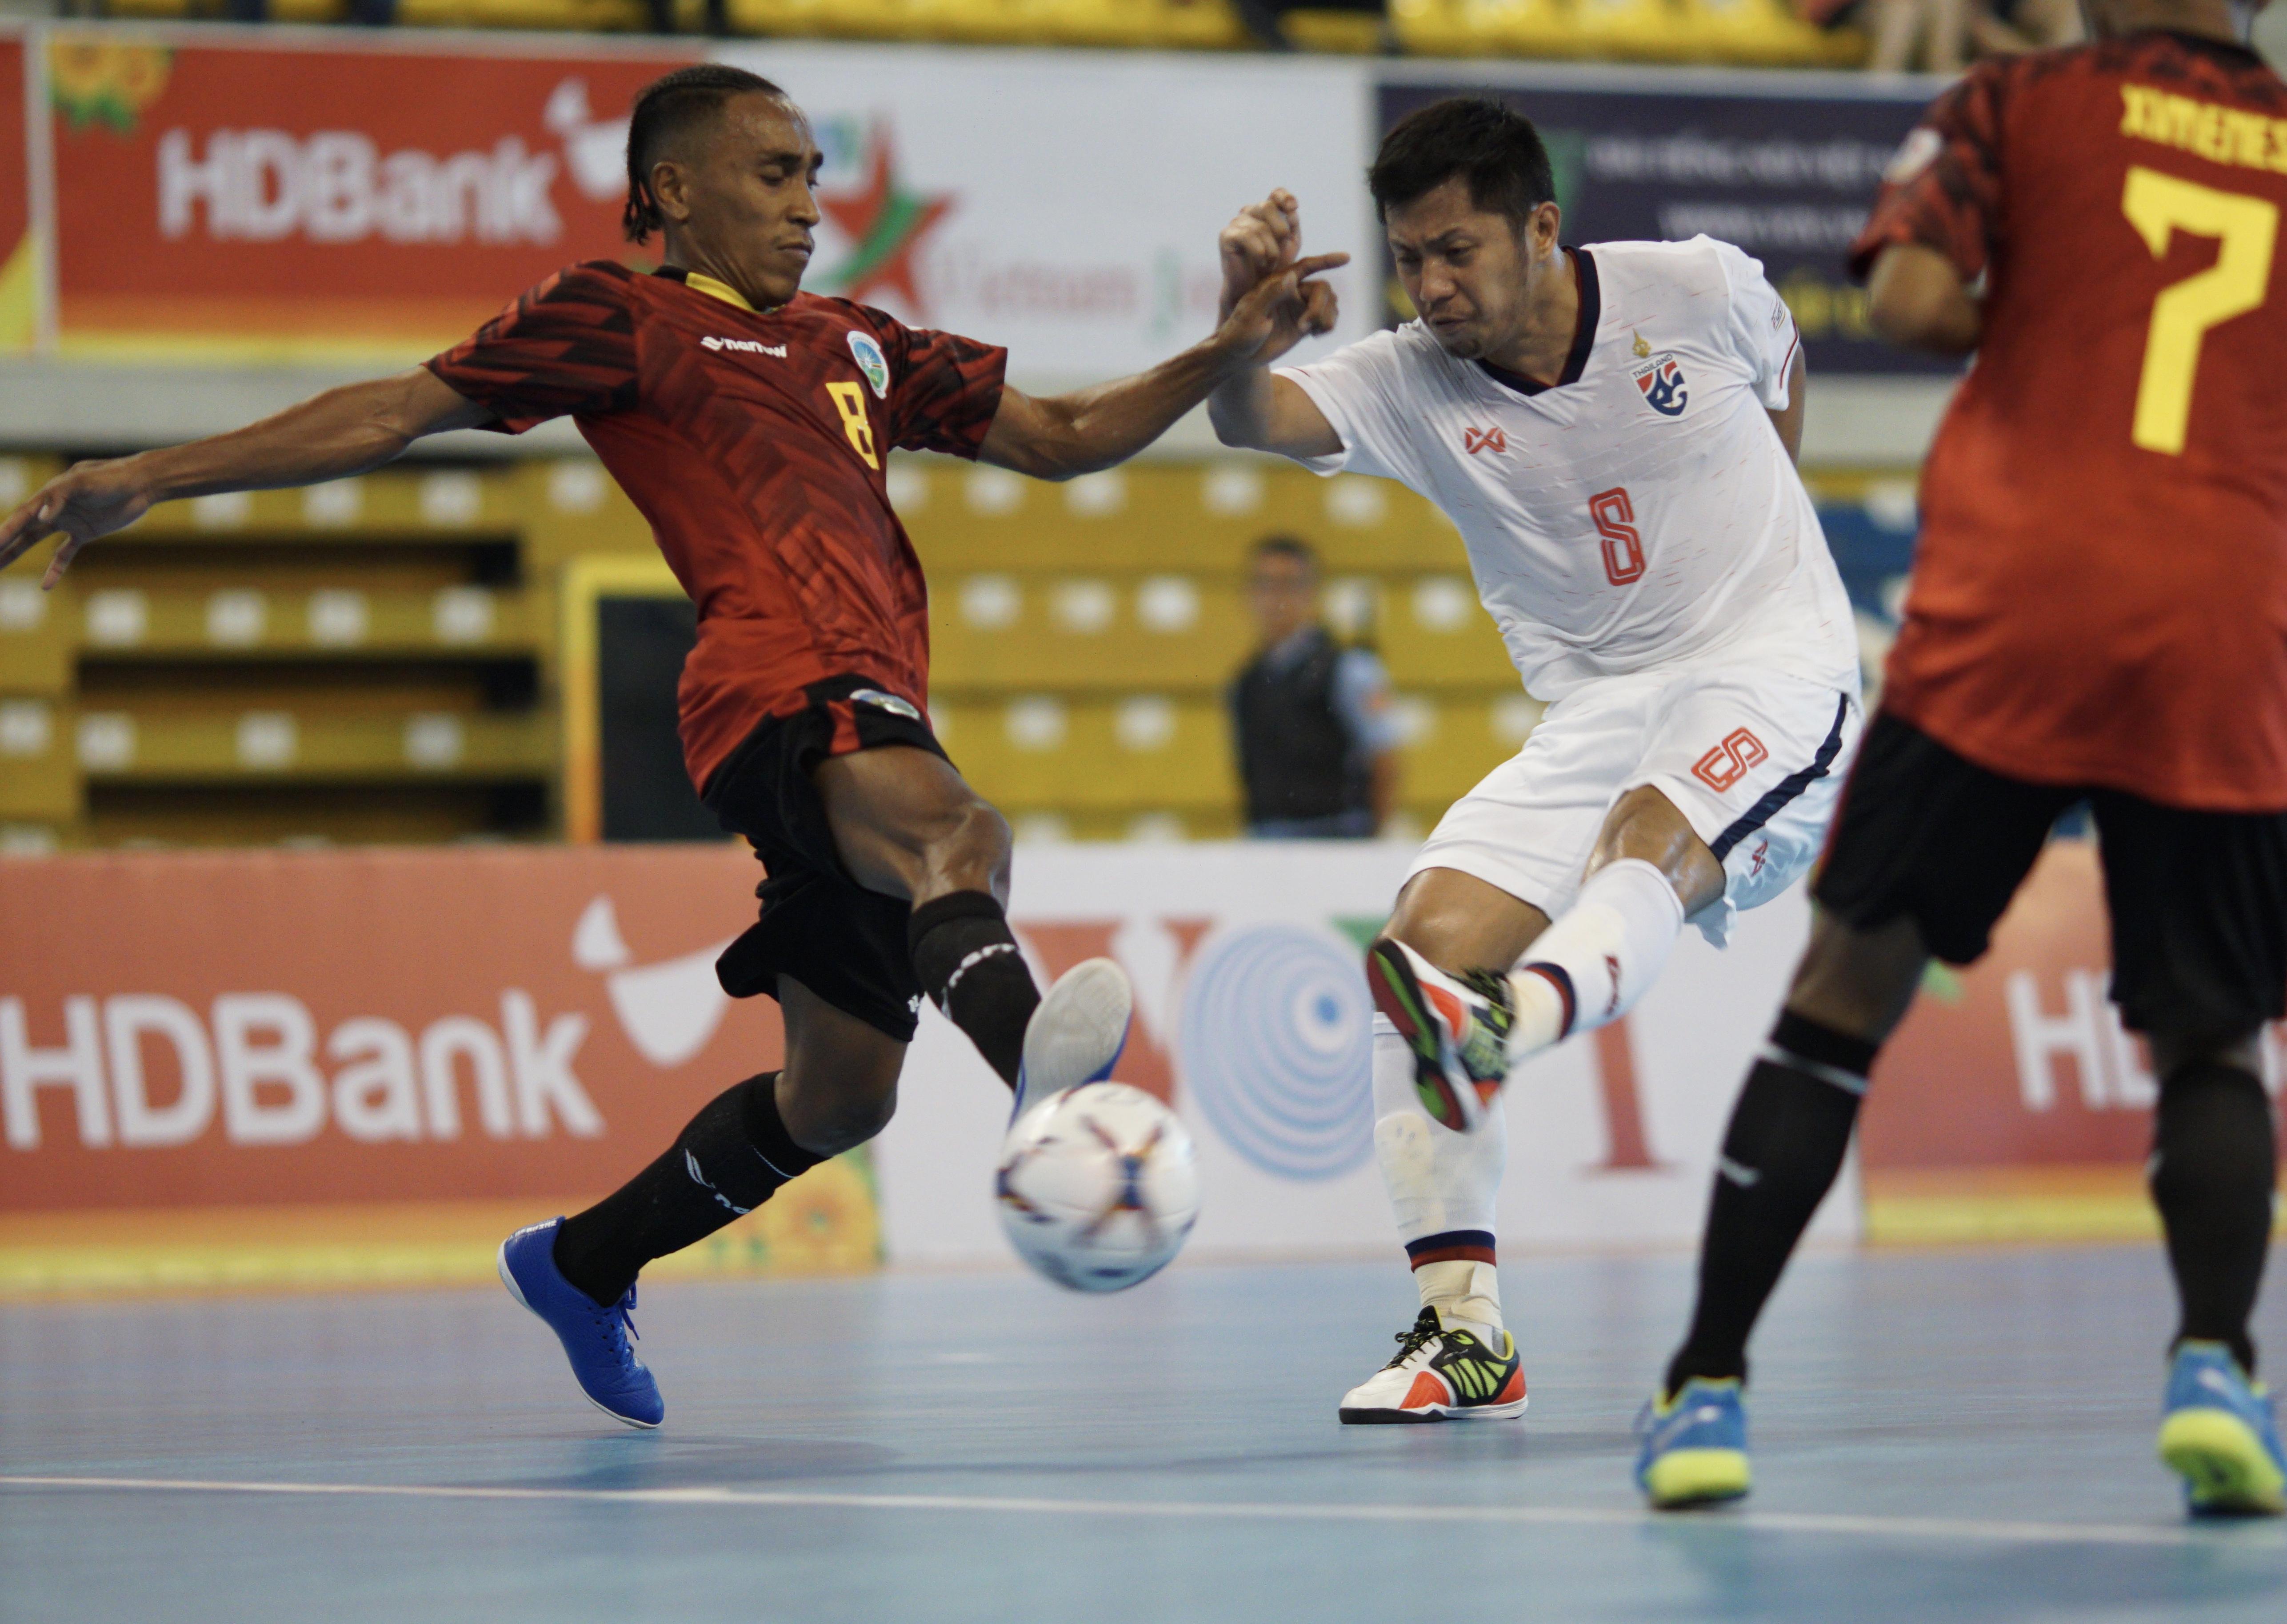 Giải futsal HDBank vô địch Đông Nam Á 2019: Thái Lan và Myanmar sớm vào bán kết